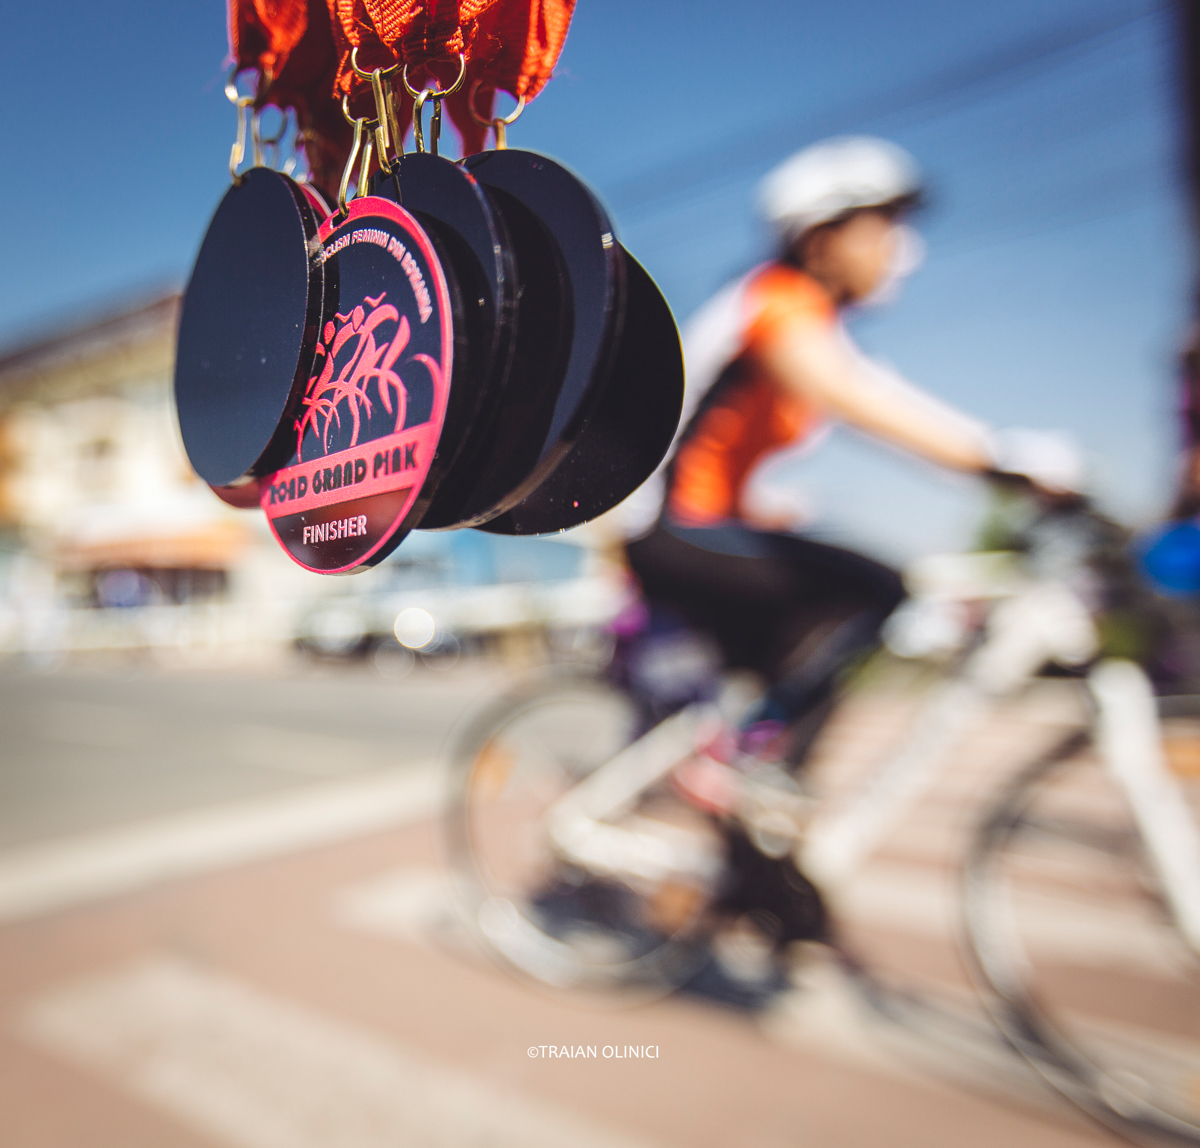 Road Grand Pink 2016: premii de peste 6000 de EURO și un nou traseu în FUNDENI